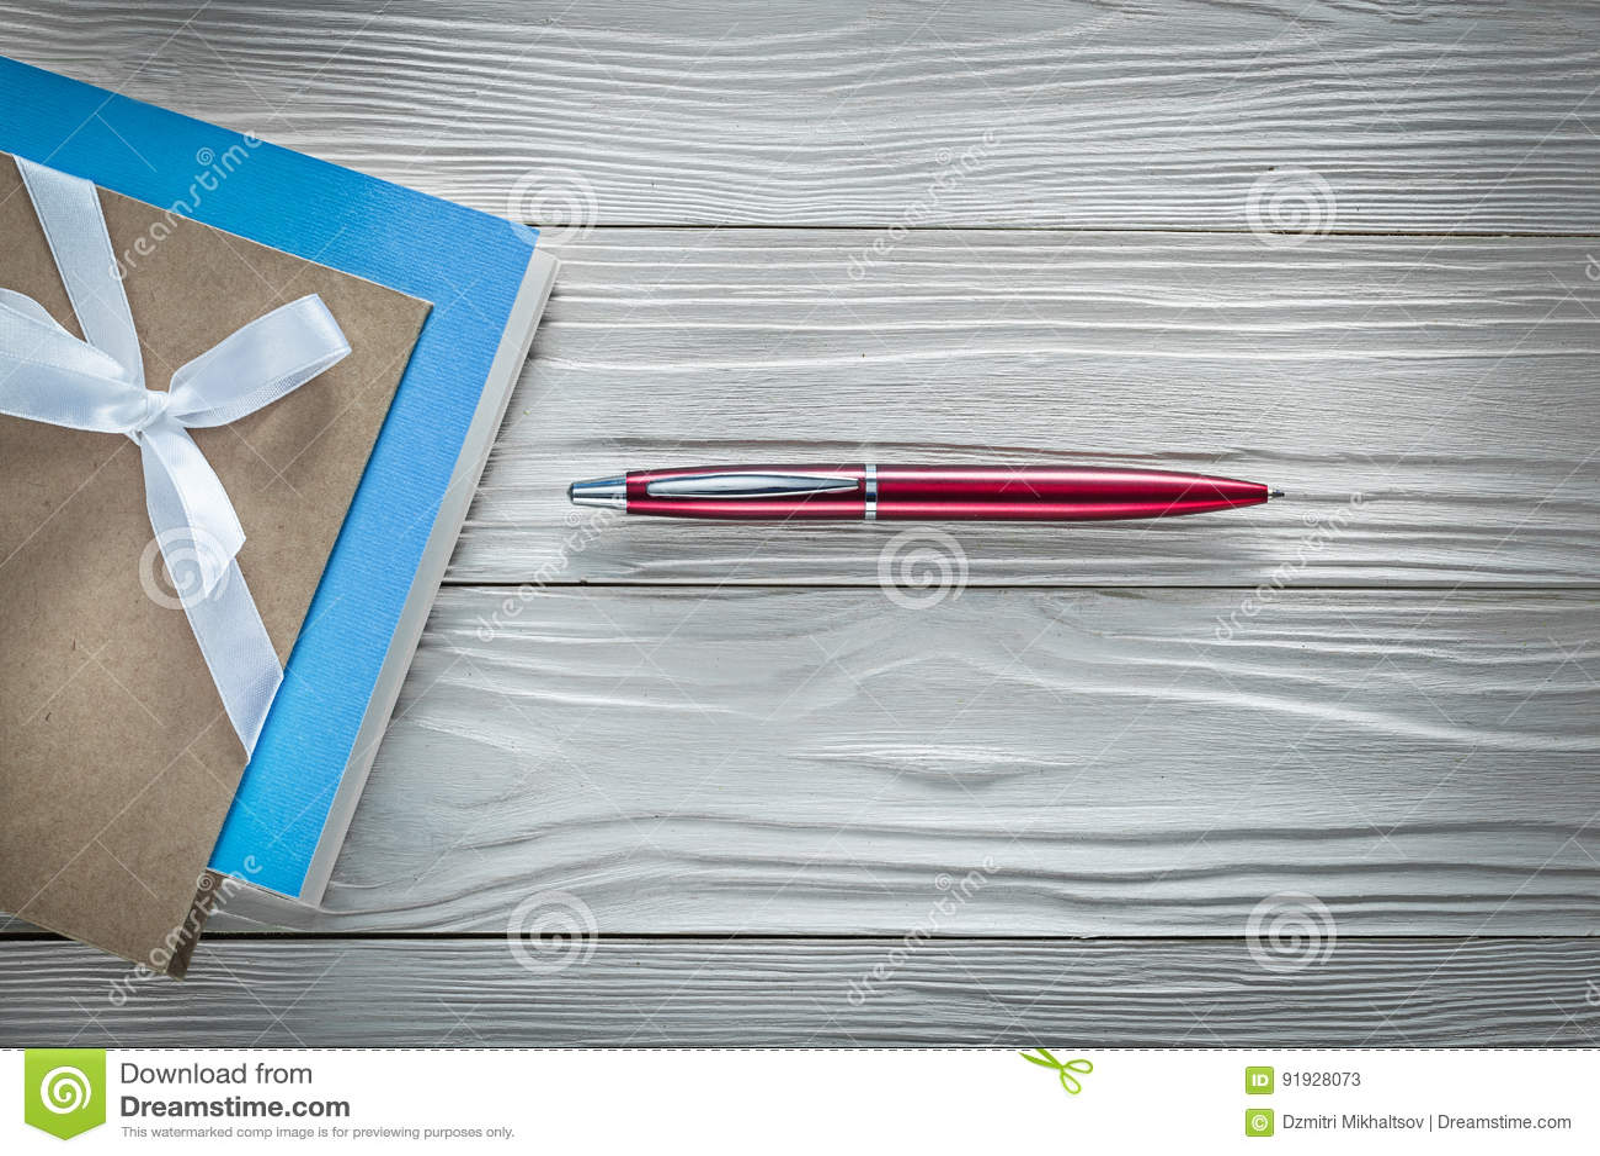 De uitstekende pen van blocnotes rode biro op houten raads horizontaal beeld